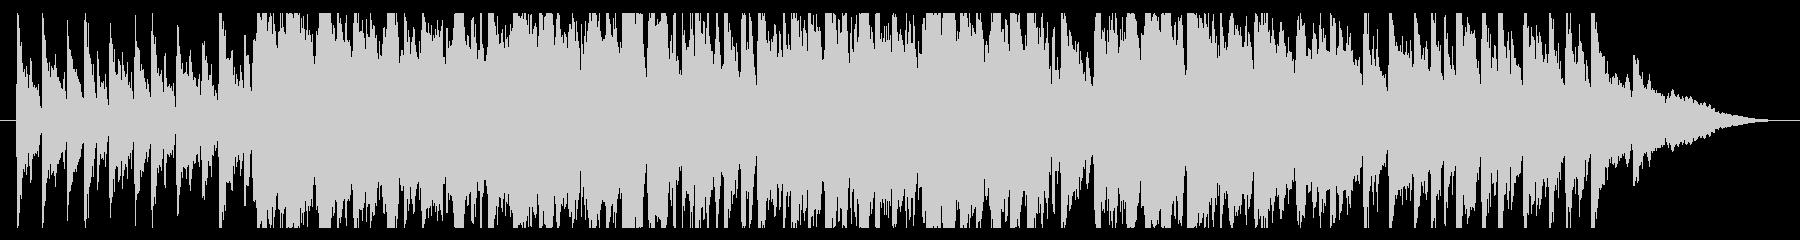 広告用BGM トロピカルハウス 1分以内の未再生の波形